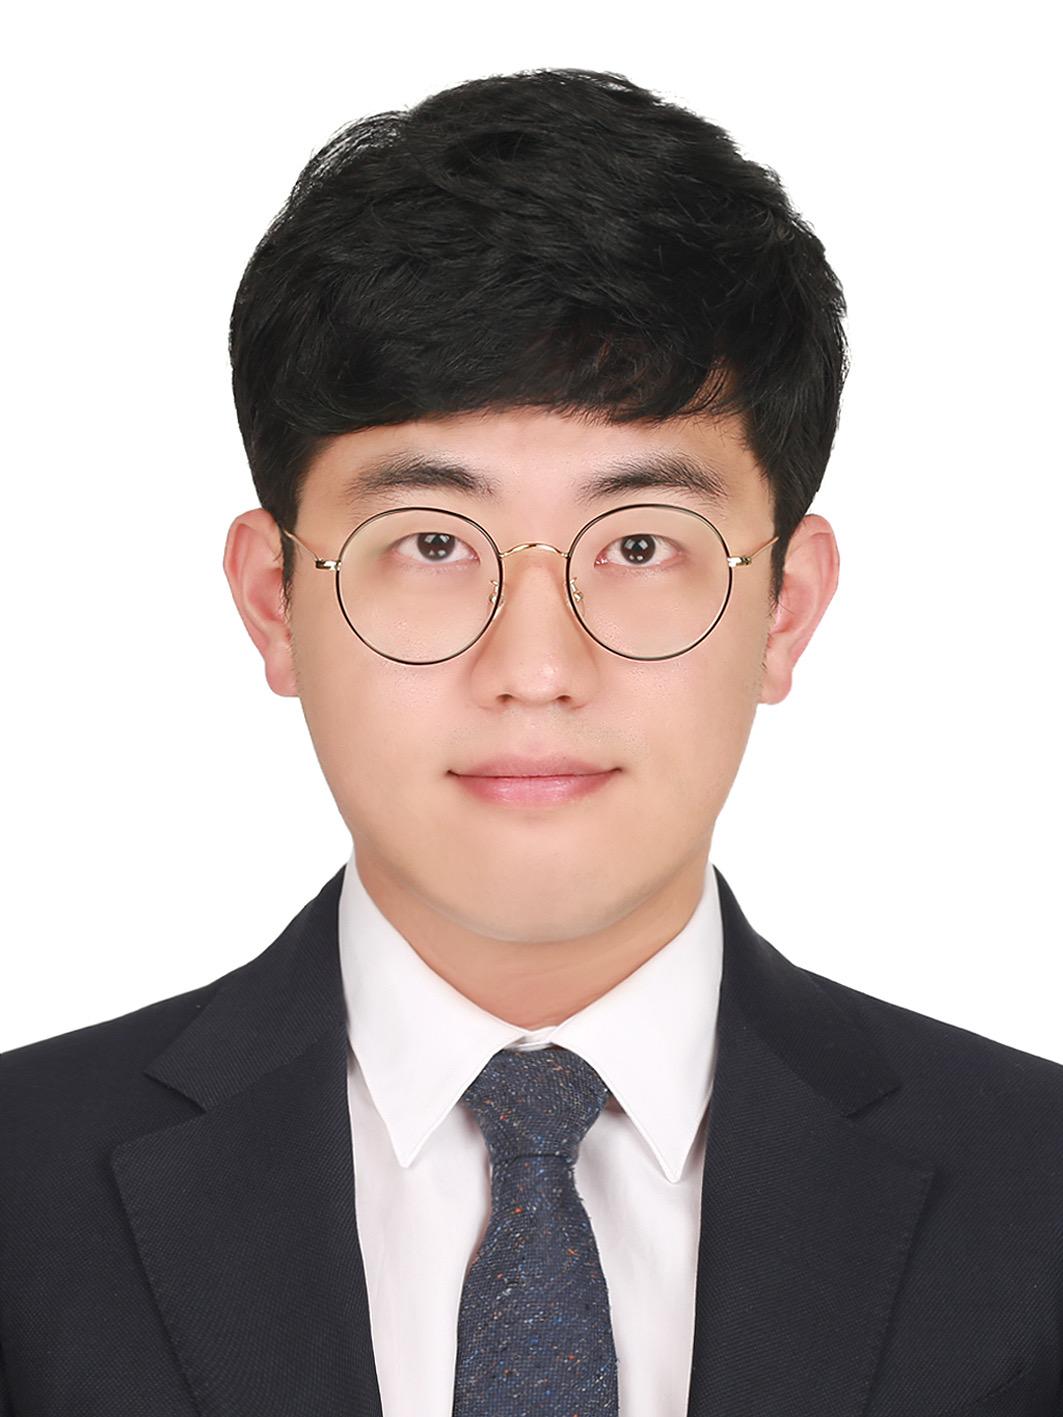 박상진 선생님 사진